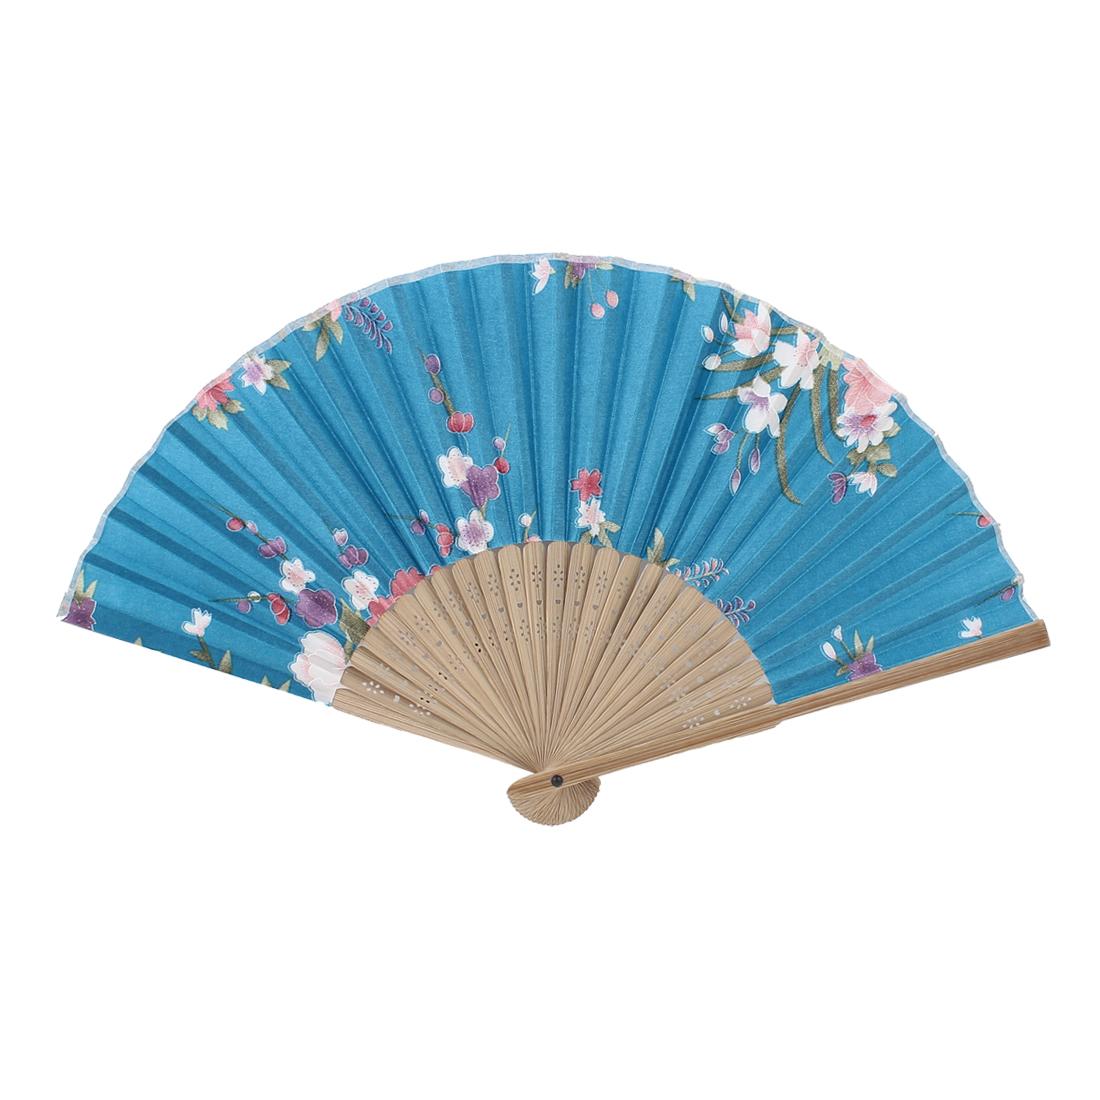 Wood Frame Flower Pattern Oriental Summer Folding Hand Fan Teal Blue Beige